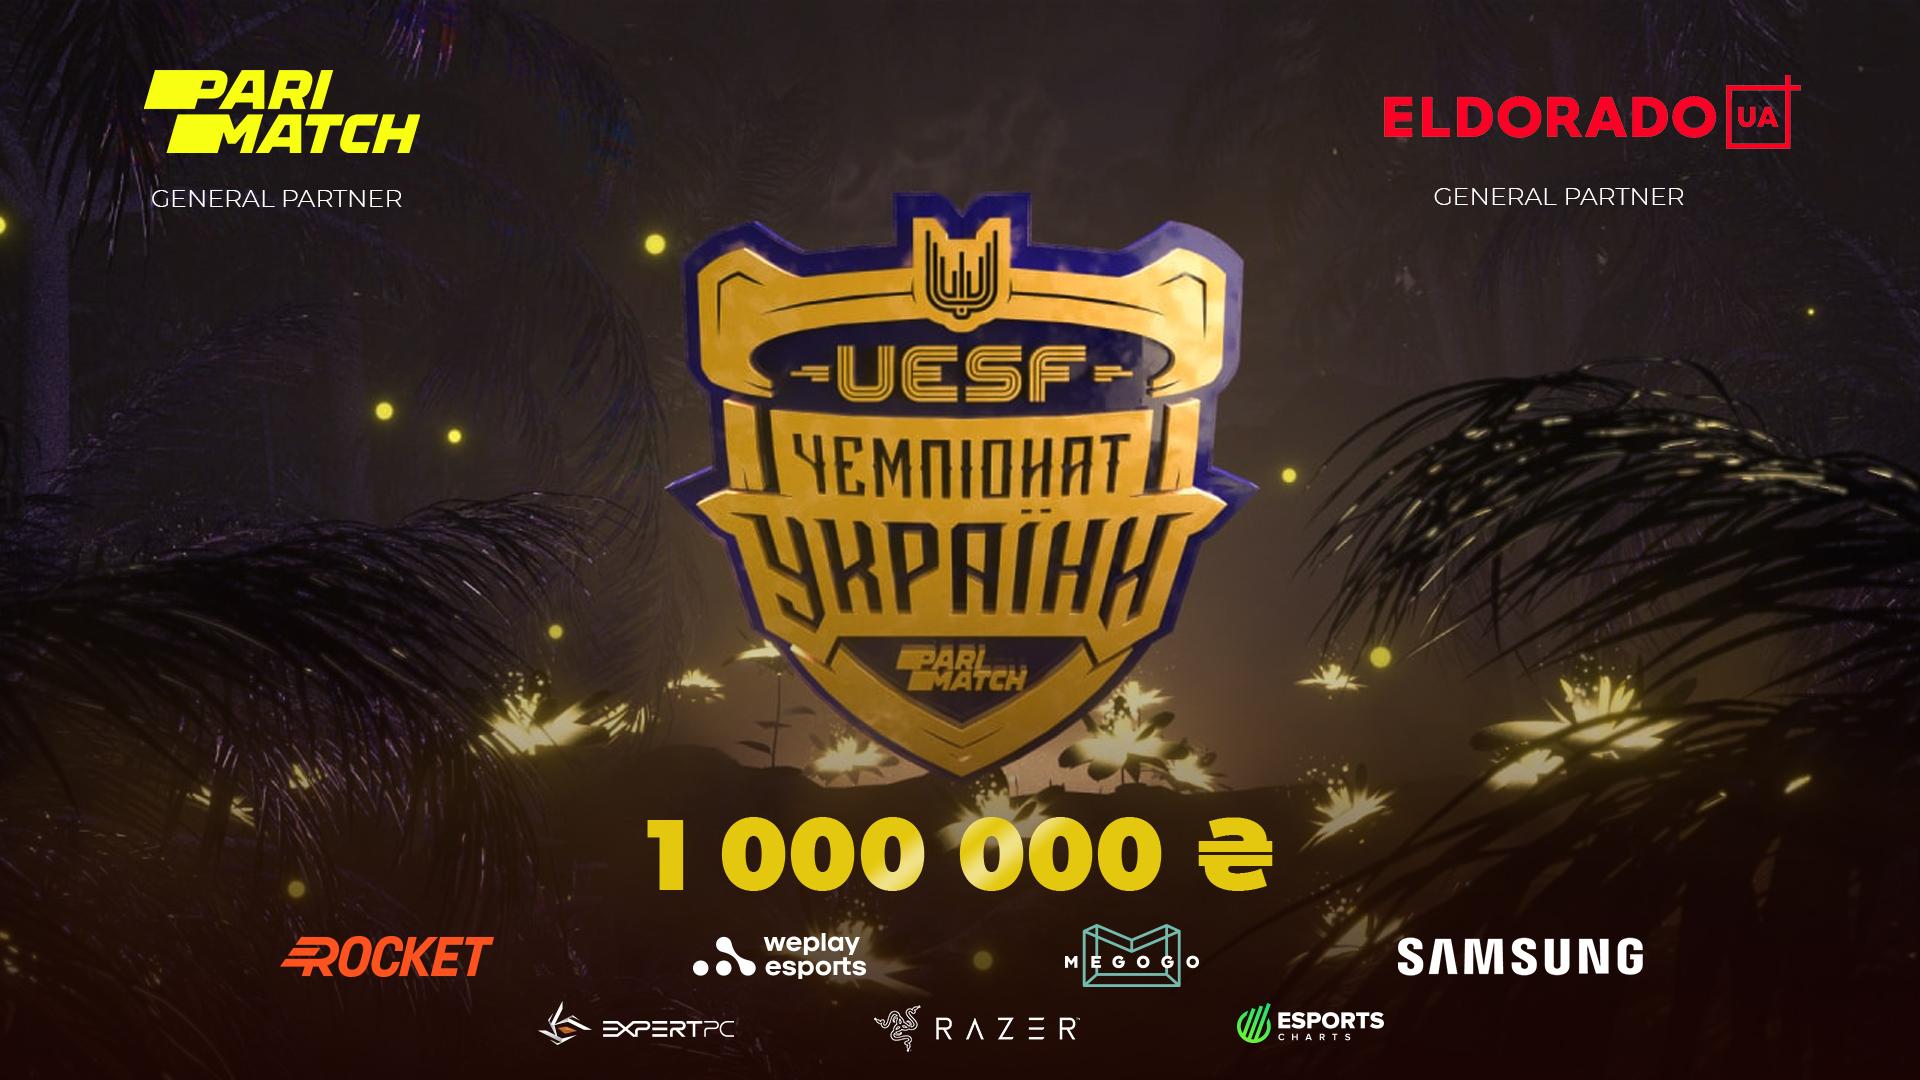 """Parimatch x UESF"""" width=""""1920"""" height=""""1080"""" />Crédit: UESF   <p><strong> CONNEXES: WePlay Esports s'associe à Parimatch pour les diffusions AniMajor</strong></p> <p>Un total de 1million de yens (26153£) de prix en argent sera attribué aux gagnants du tournoi, tandis qu'un montant supplémentaire de 500000yens (13076£) en «appareils de jeu», ordinateurs de jeu et accessoires sera disponible pour spectateurs via des cadeaux.</p> <p> La partie en ligne du tournoi se déroulera du 17 juillet au 3 octobre, et la grande finale devrait avoir lieu à la <strong>WePlay Esports Arena</strong> à Kiev à la mi-octobre. Une date exacte n'a pas encore été révélée. </p> <p>A côté de Parimatch, le détaillant d'électronique <strong>Eldorado</strong> a également été nommé commandité de l'événement. </p> <p><strong> CONNEXES: L'esport obtient la reconnaissance officielle du gouvernement en Ukraine</strong></p> <p> Depuis sa création en 2018, l'UESF a accueilli plus de 300 tournois nationaux et internationaux. Après avoir fait la promotion des sports électroniques dans la région, le ministère de la Jeunesse et des Sports de l'Ukraine a officiellement reconnu l'industrie comme un sport.</p> <p>2021 a déjà été une période très productive pour Parimatch. Le bookmaker a signé des extensions de partenariat avec Virtus.pro et Team Spirit en plus de nommer <strong> Marcelo 'coldzera' David </strong> comme ambassadeur mondial de l'esport. </p> <p> Plus récemment, le bookmaker s'est associé à WePlay Esports pour s'associer aux diffusions russe et ukrainienne du tournoi WePlay Esports AniMajor Dota 2.</p> <p><strong>Esports Insider déclare : Parimatch s'est imposé comme l'un des principaux bookmakers de la scène esport, et il n'est pas surprenant de voir l'UESF s'associer à elle pour ses prochains tournois.</strong></p> <p style="""